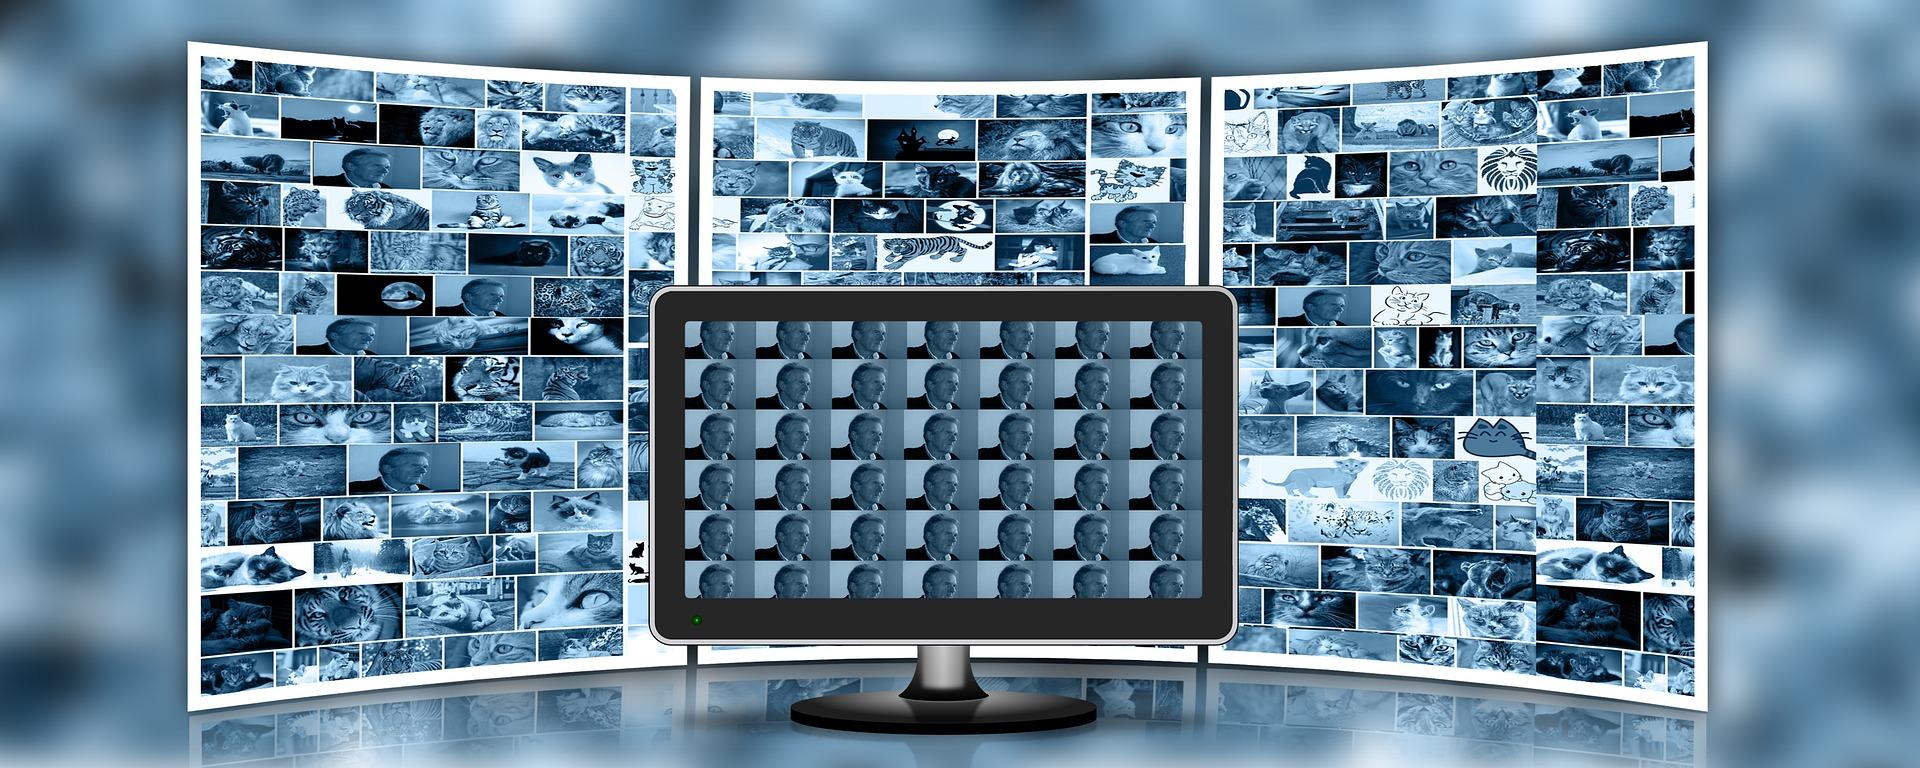 לימוד מכונה בתחום עיבוד התמונה. איור: Image by Gerd Altmann from Pixabay